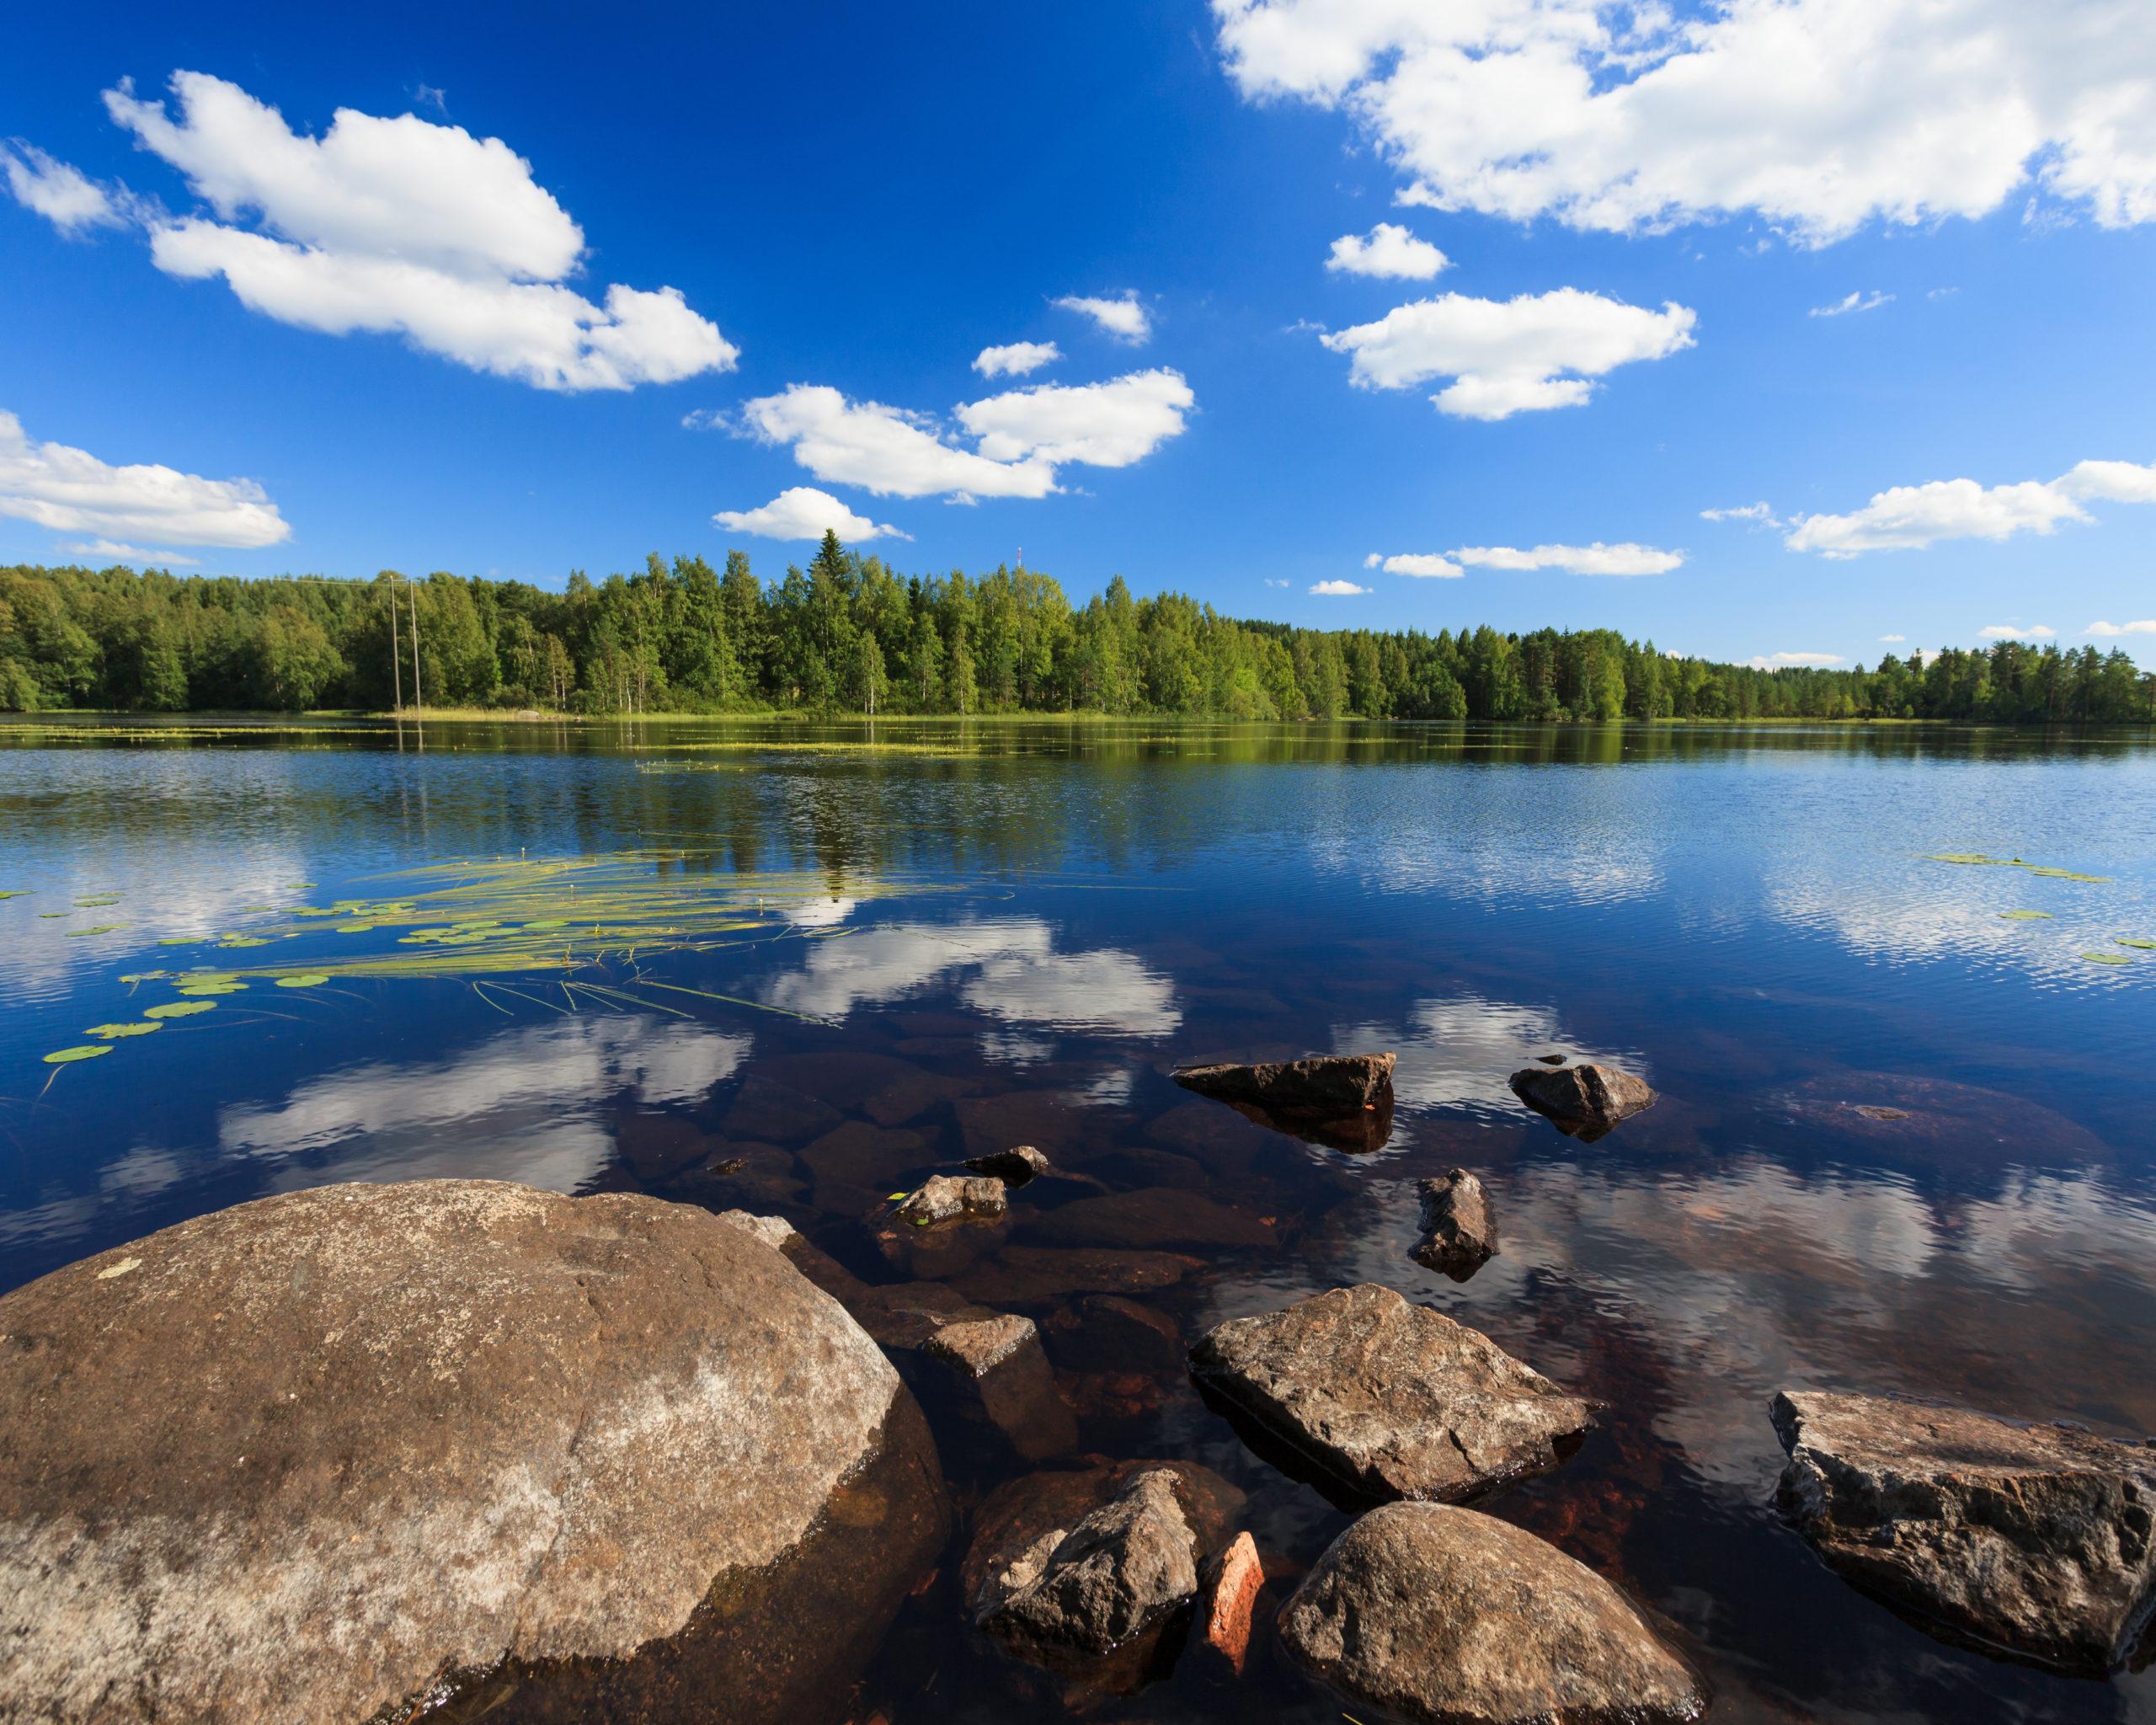 Kesäinen järvimaisema Suomesta